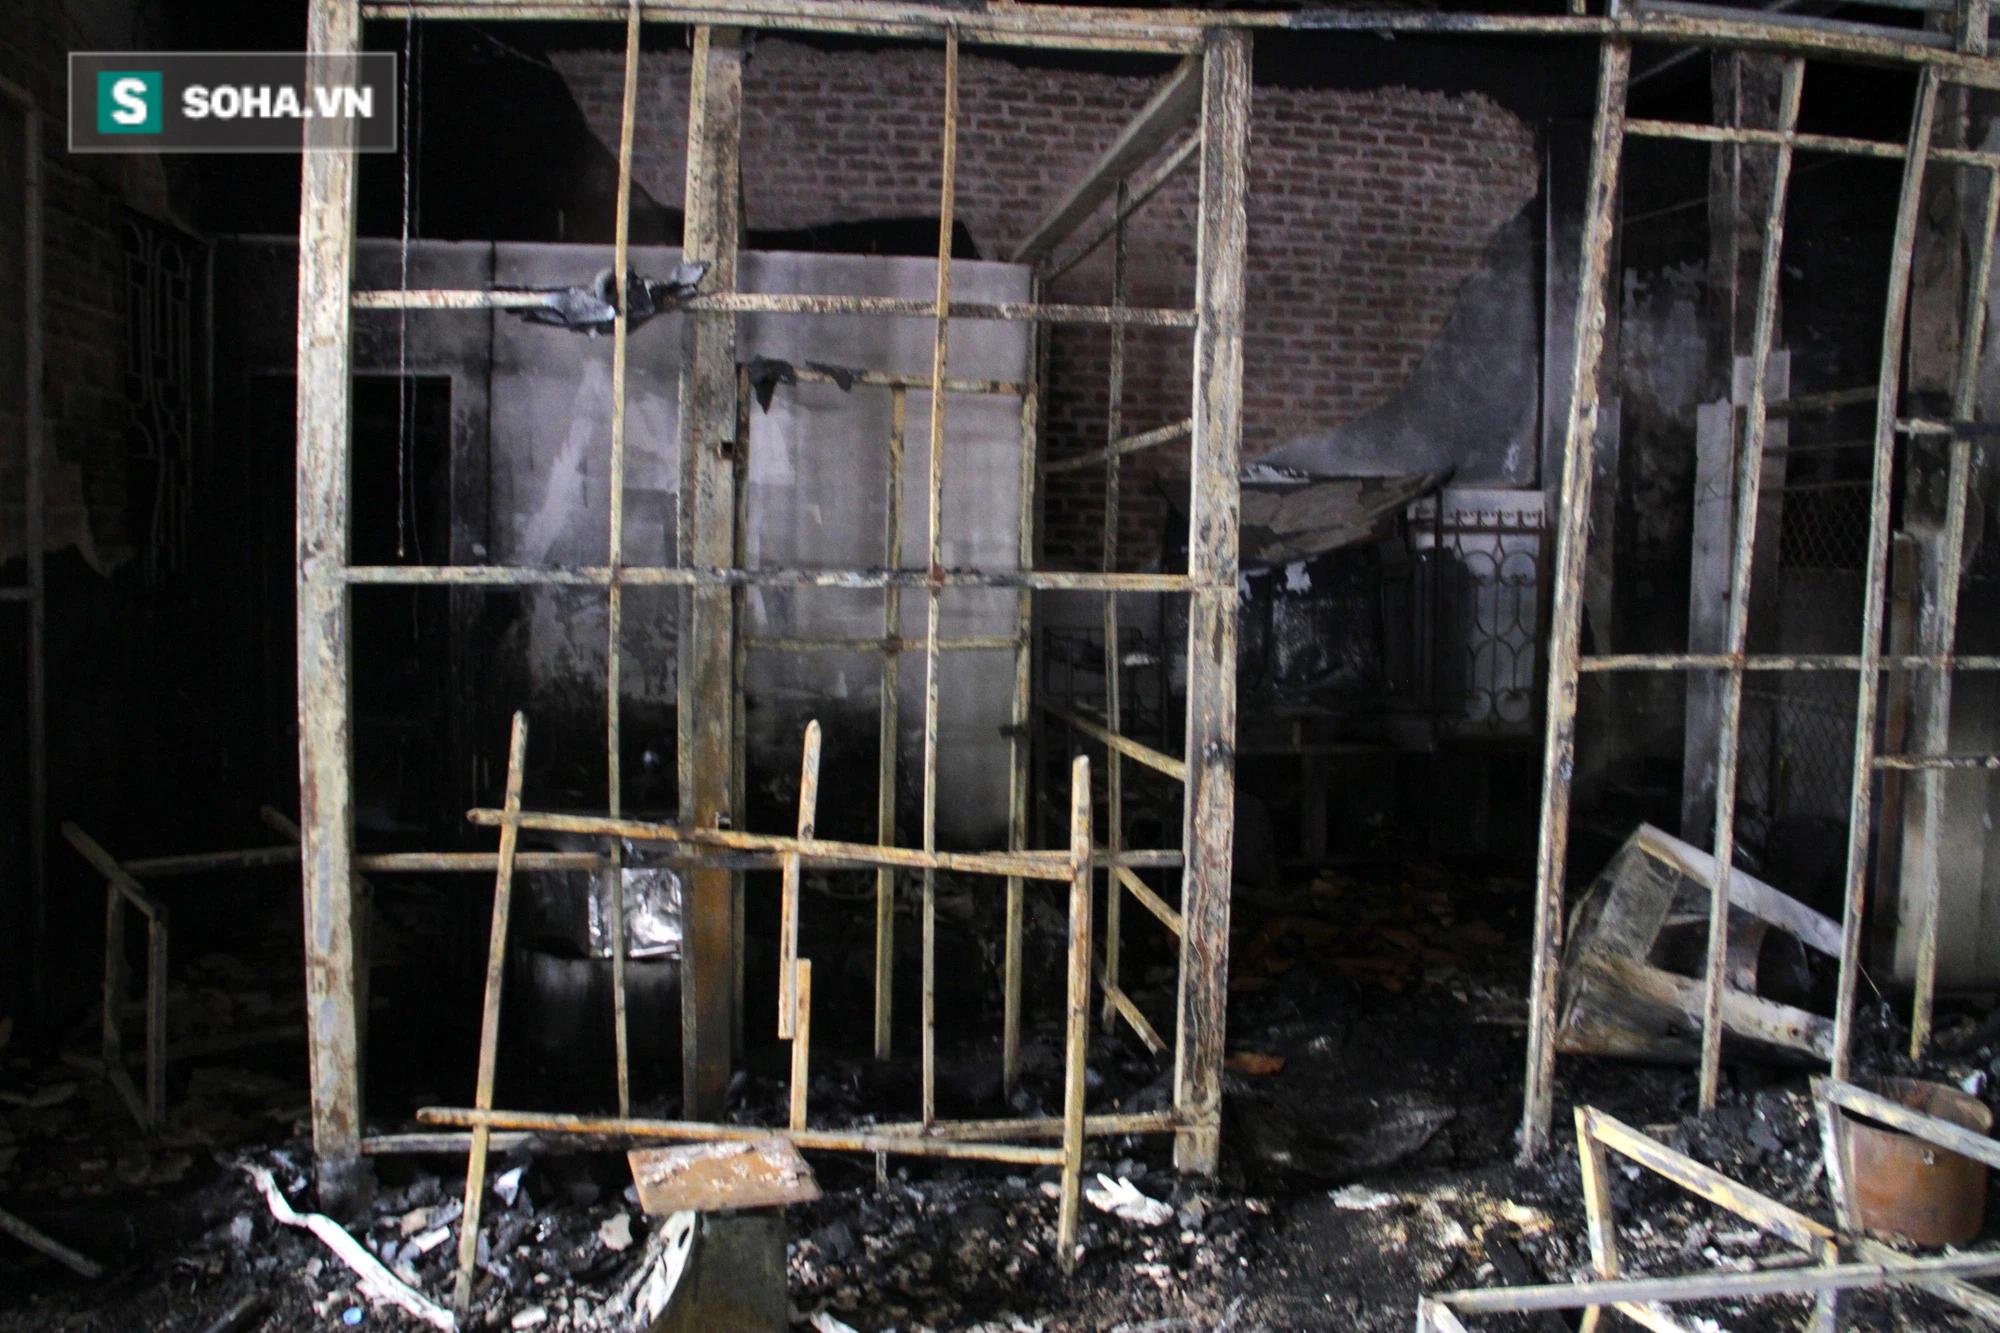 Cận cảnh hiện trường bên trong phòng trà bị cháy khiến 6 người tử vong ở Nghệ An - Ảnh 16.